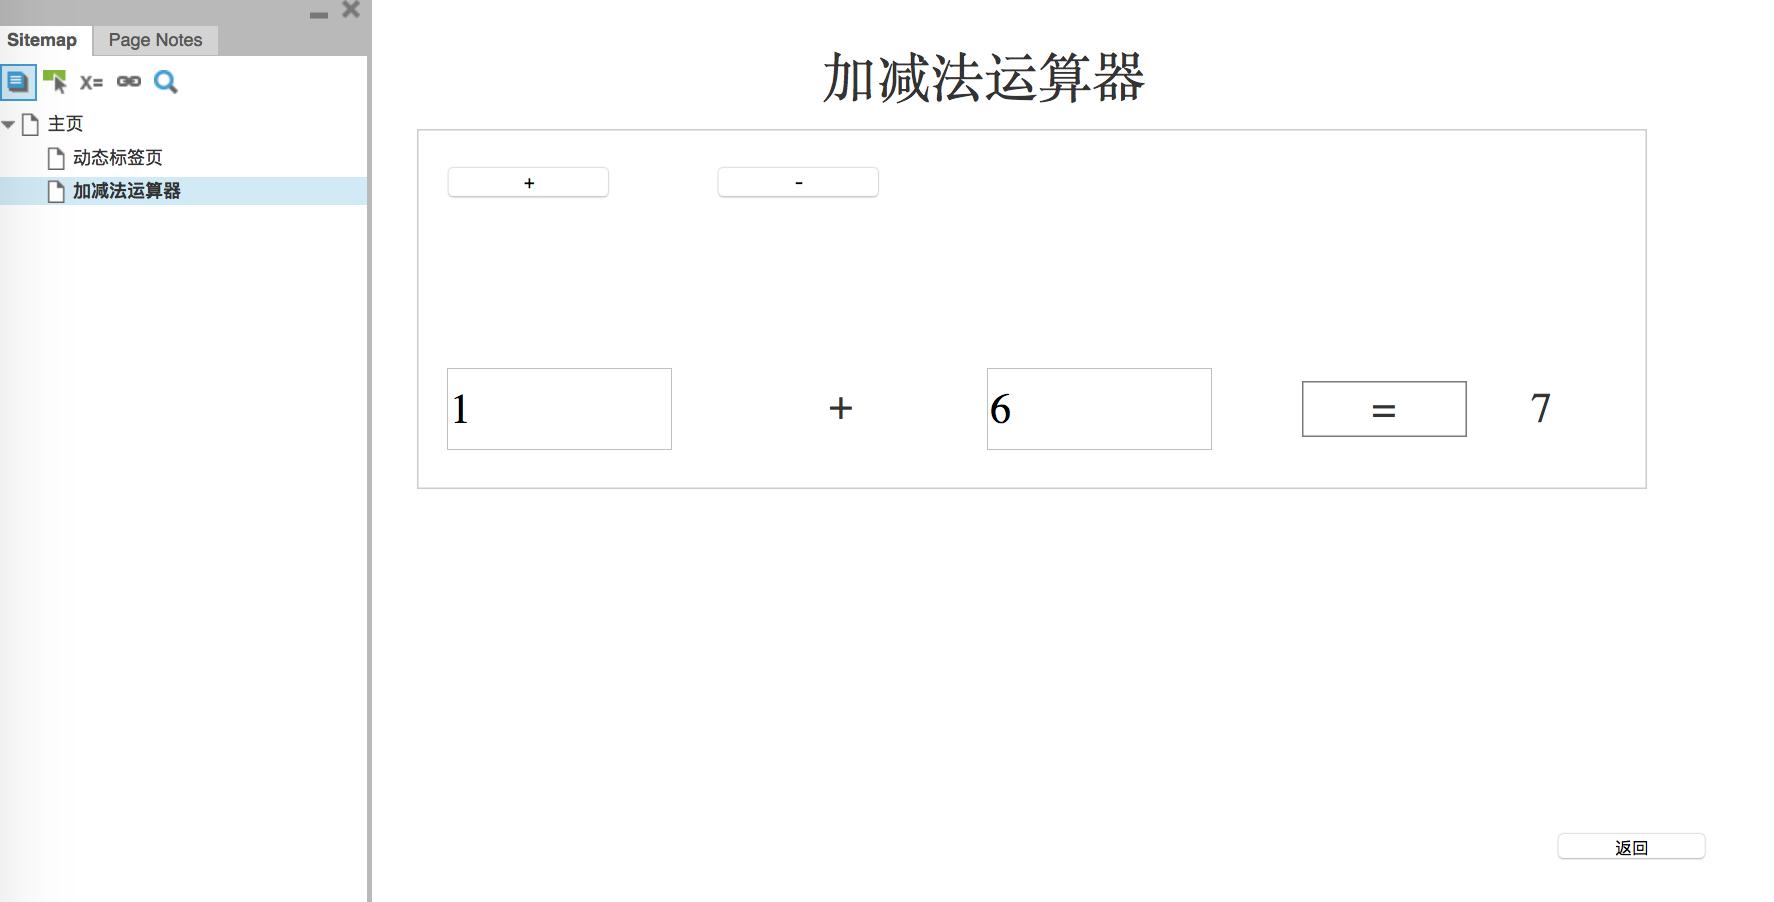 [原型设计]基础交互-参数练习:A2 加减乘除插图